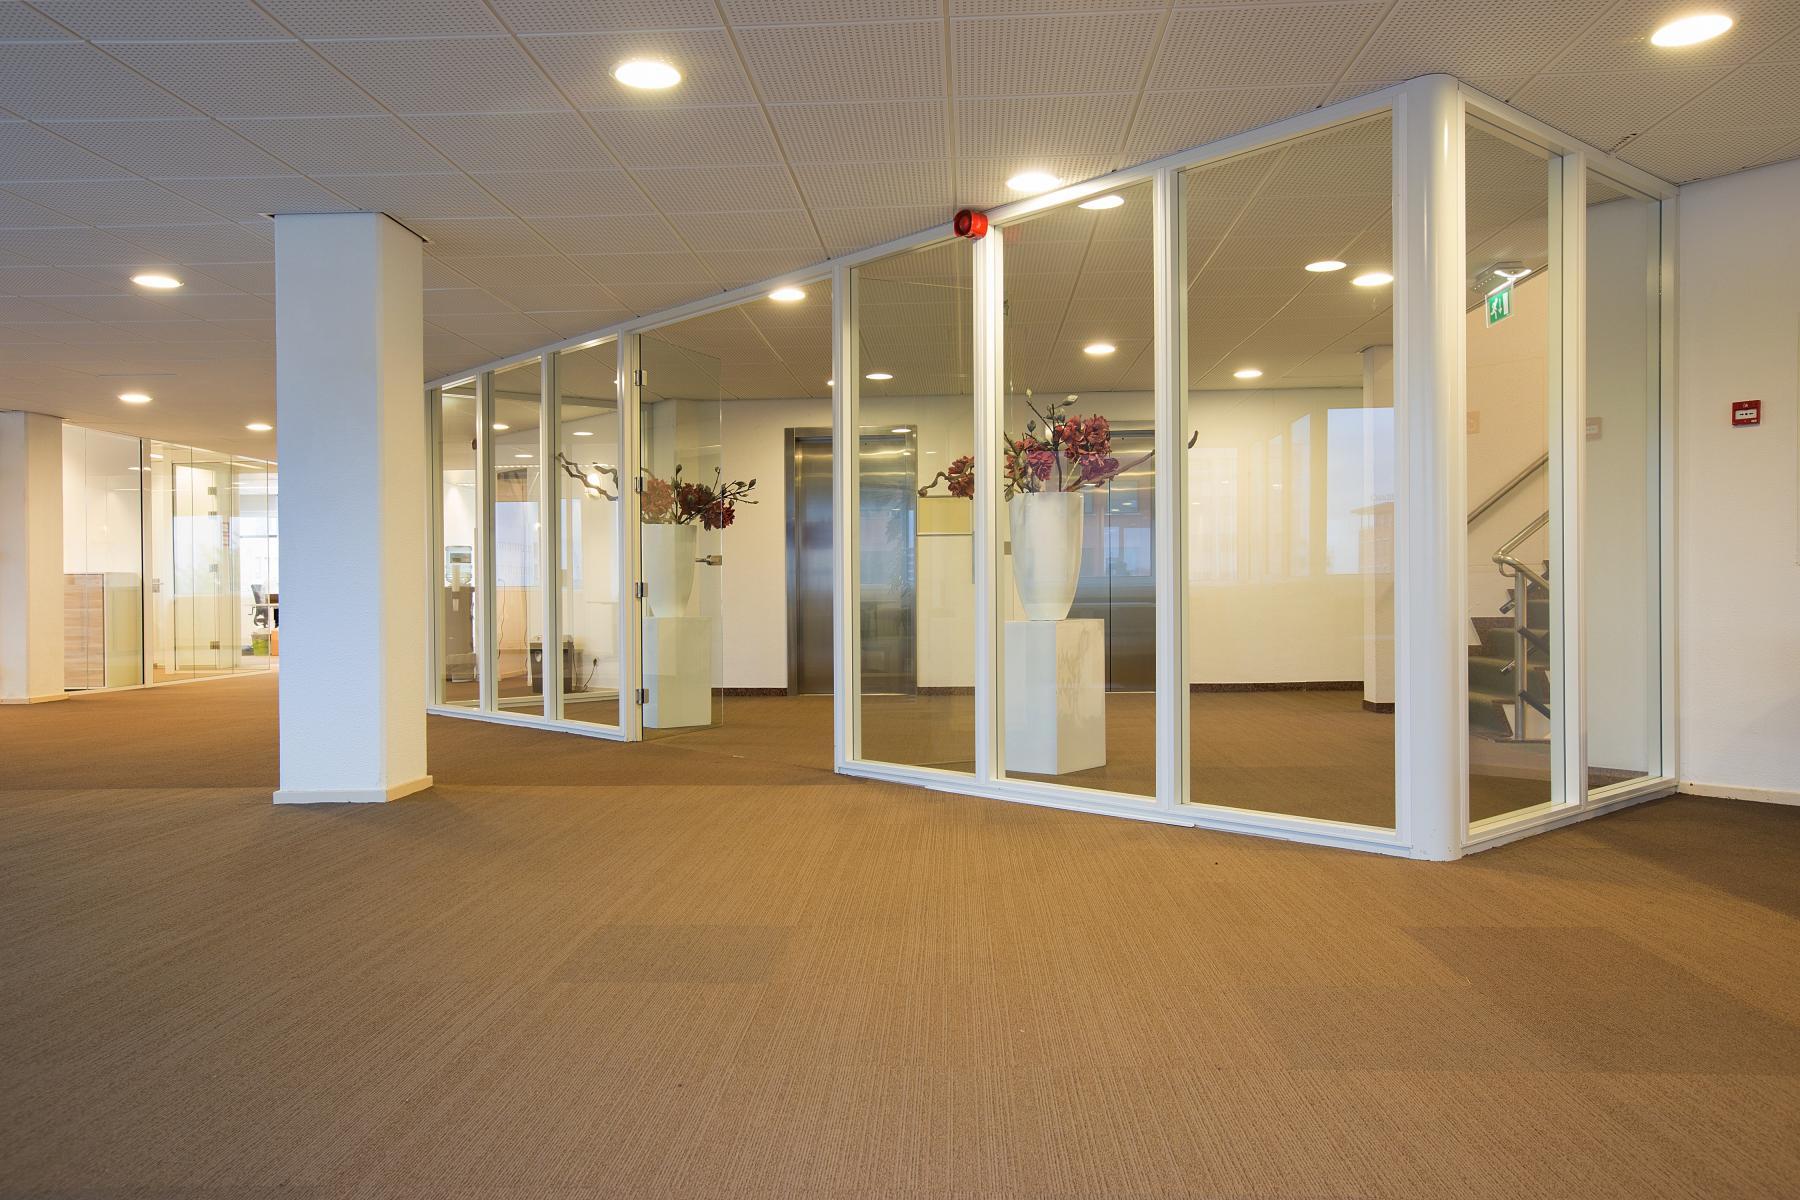 kantoorkamer huren in amsterdam zuidoost met lift